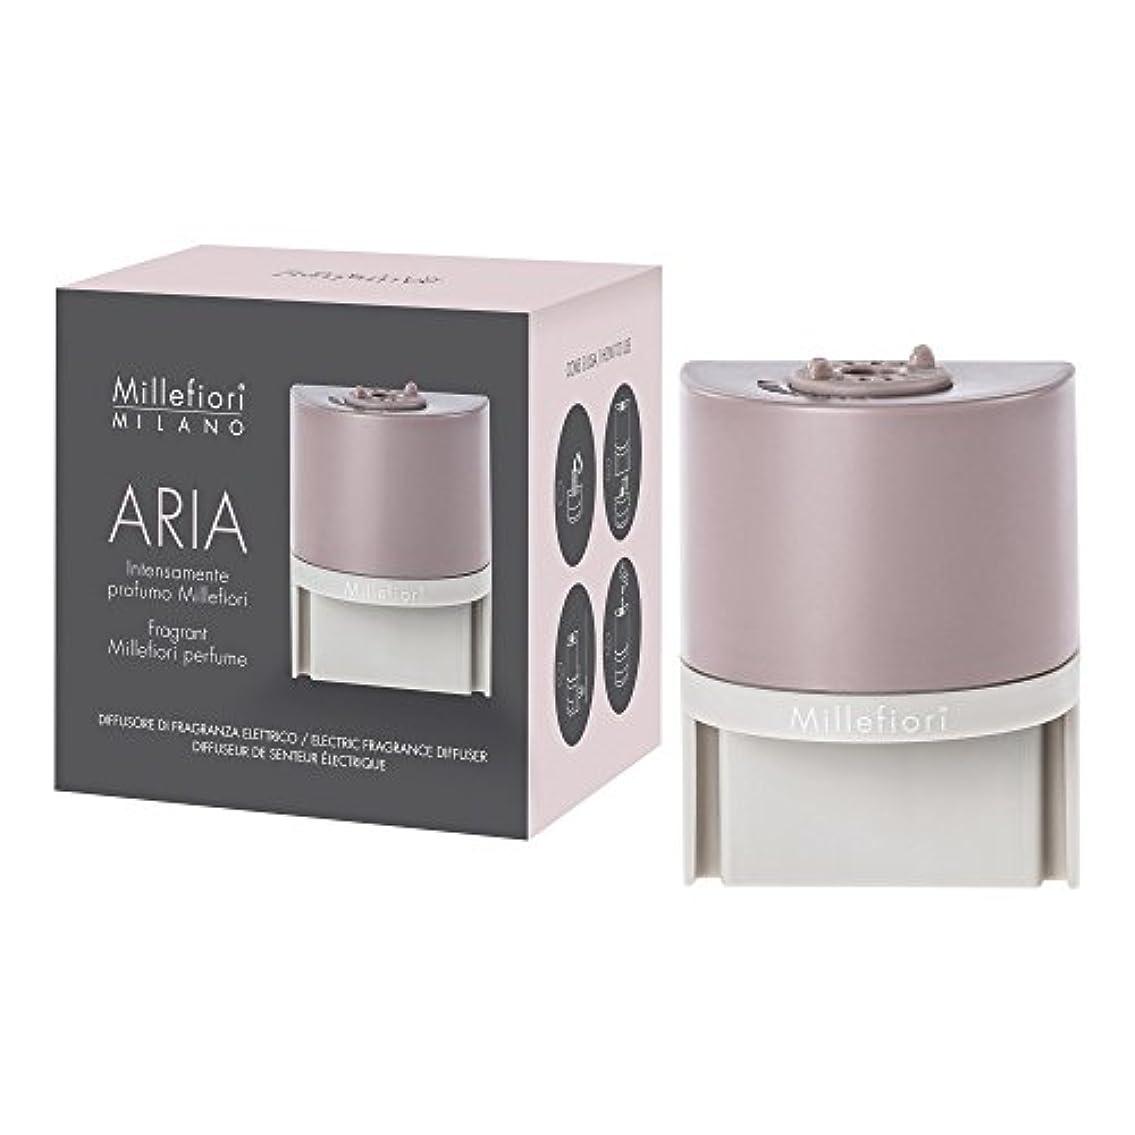 ボイラー水没悪化させるMillefiori Aria プラグインフレグランスディフューザー(本体)